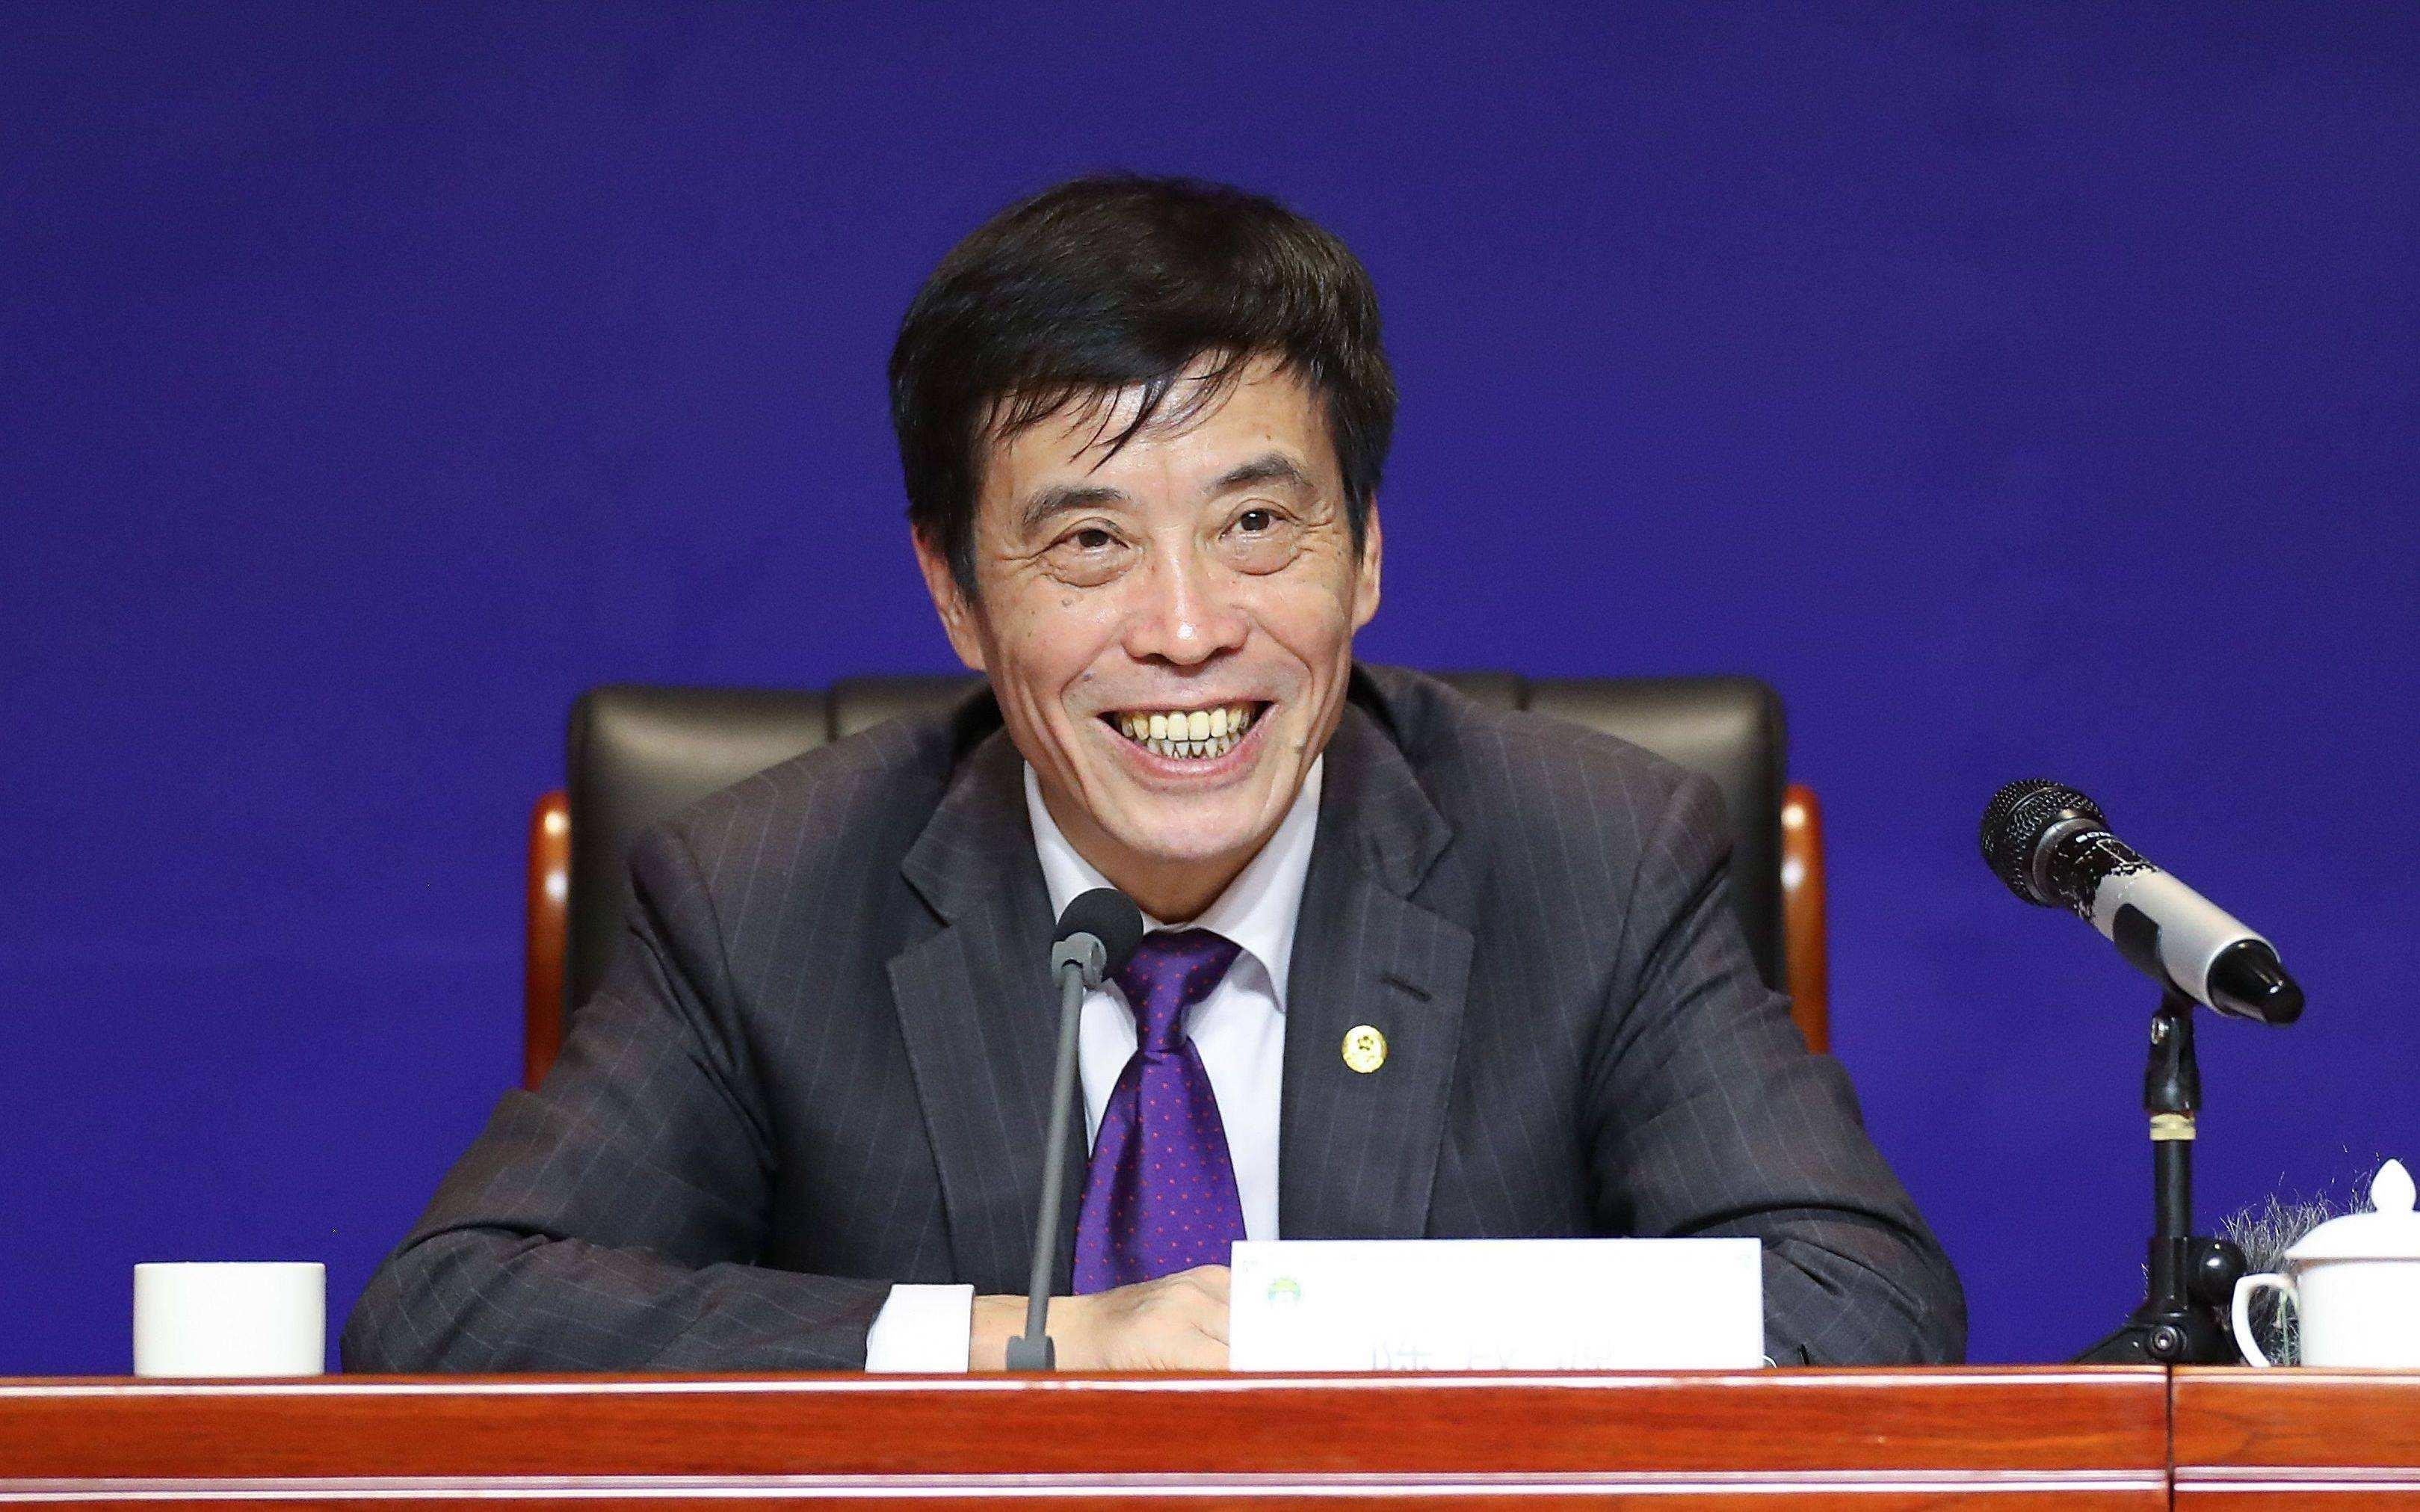 陈戌源:要把握中超复赛重大机遇,展现中国足球新形象